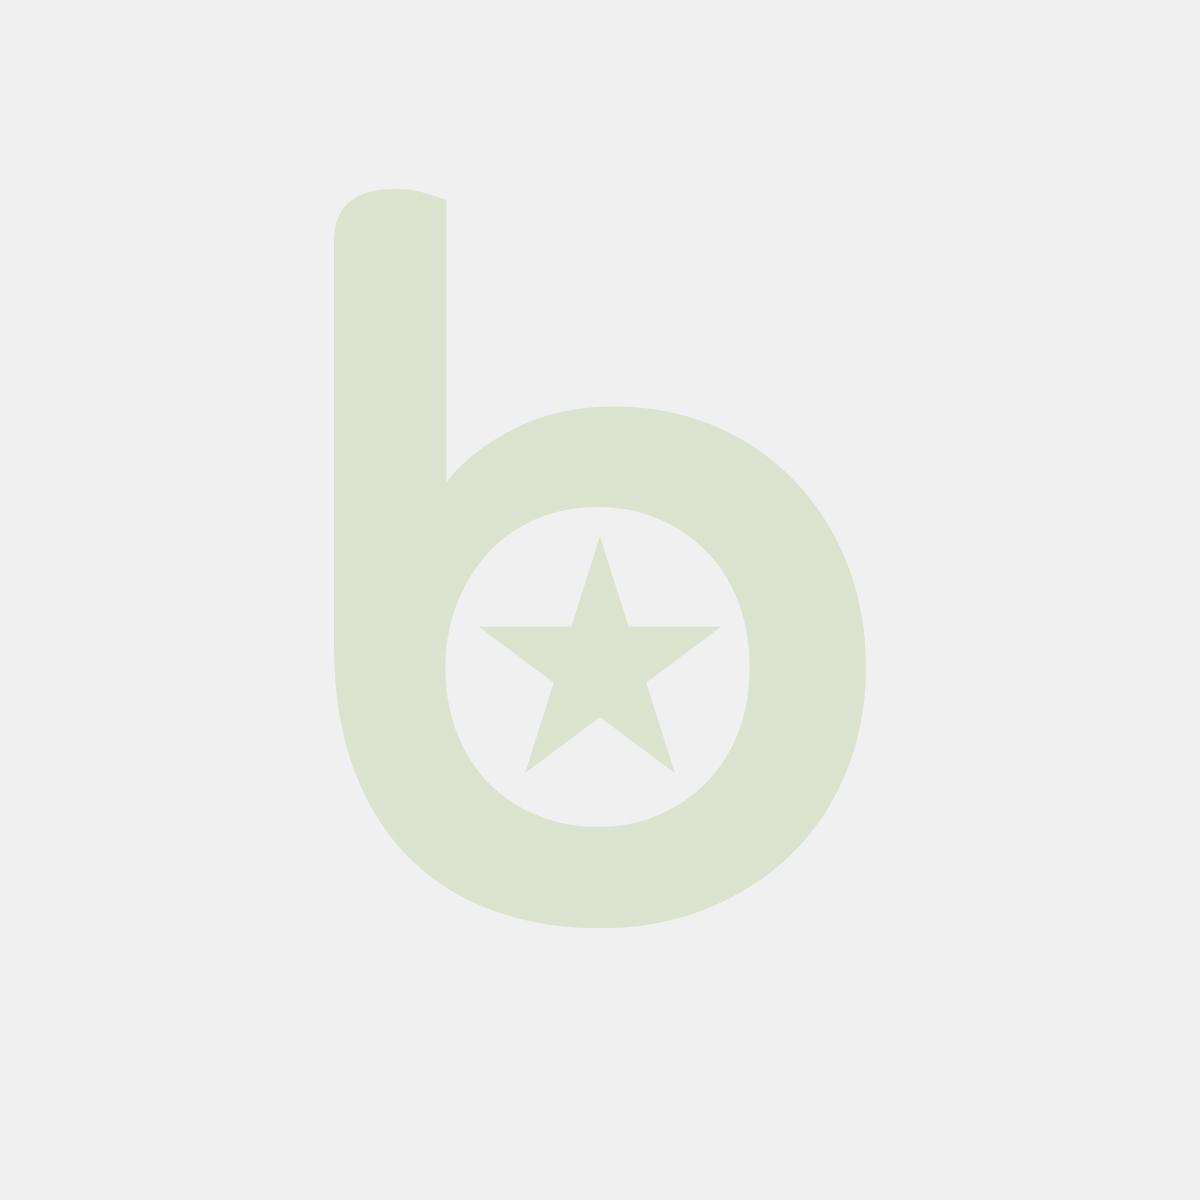 Reklamówki EKO HDPE 30/7/52 ŻABA 14mikronów, cena za opakowanie 200szt